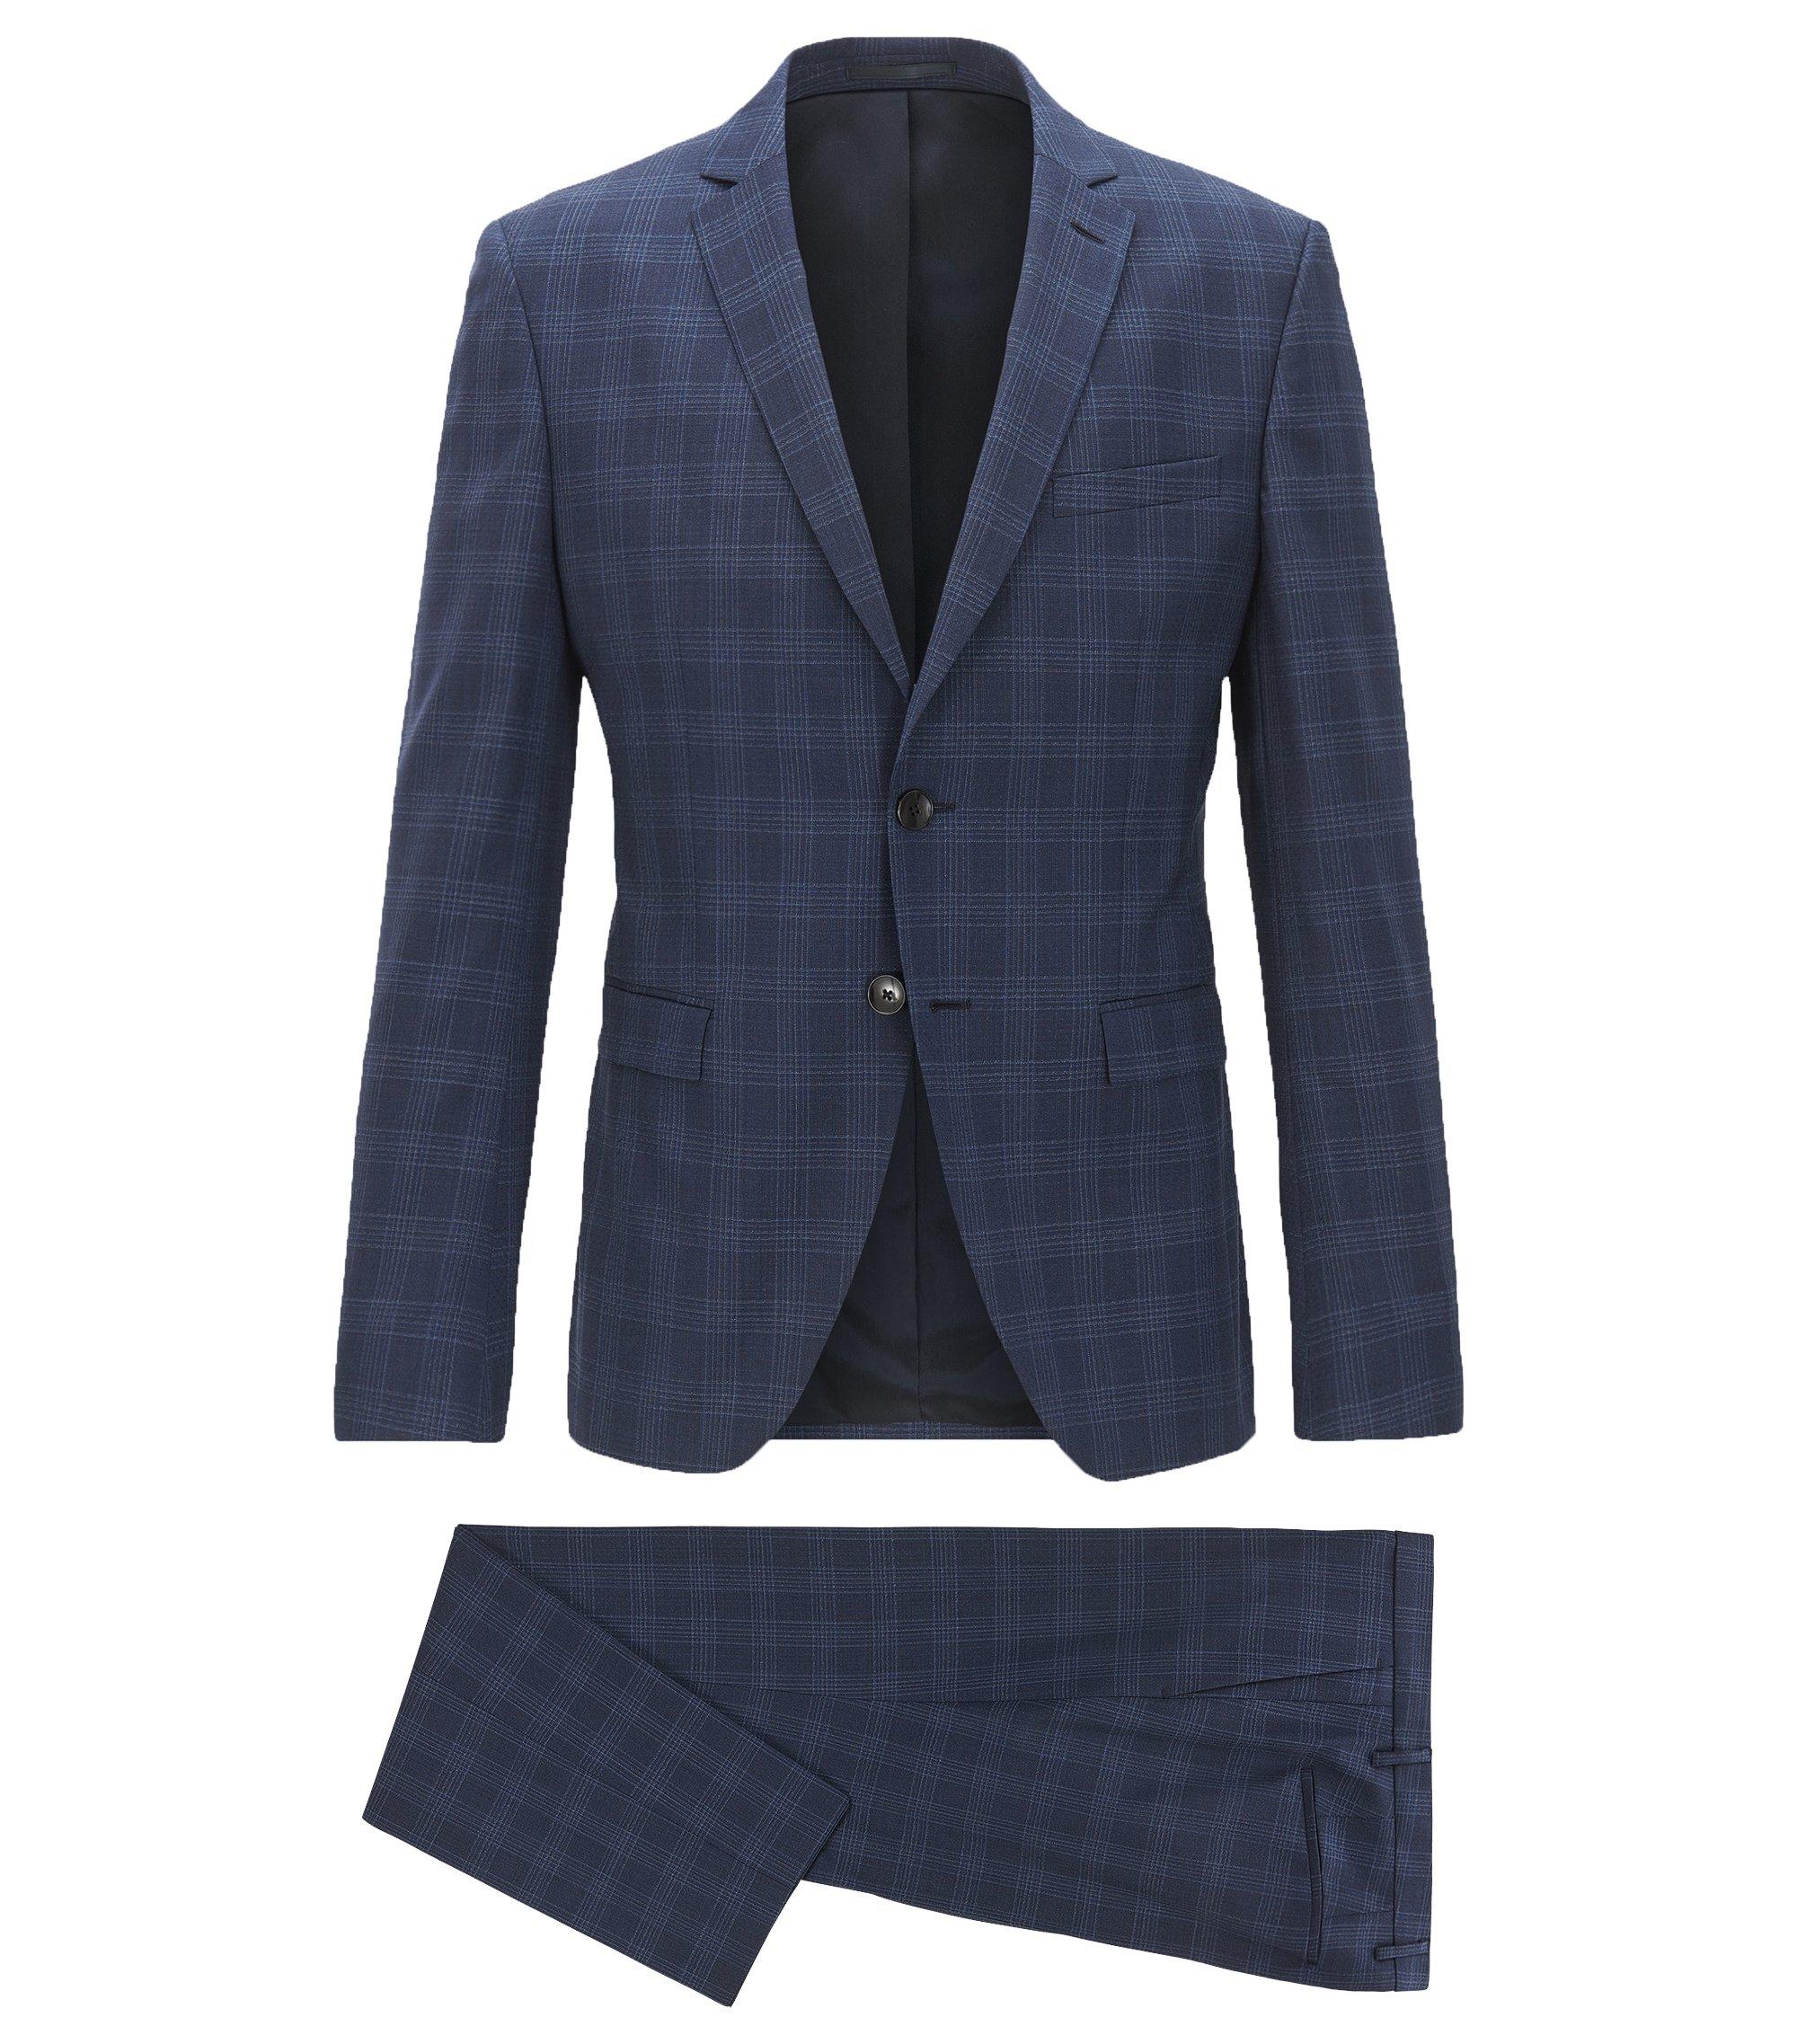 Costume Extra Slim Fit à carreaux unis, en laine vierge, Bleu foncé